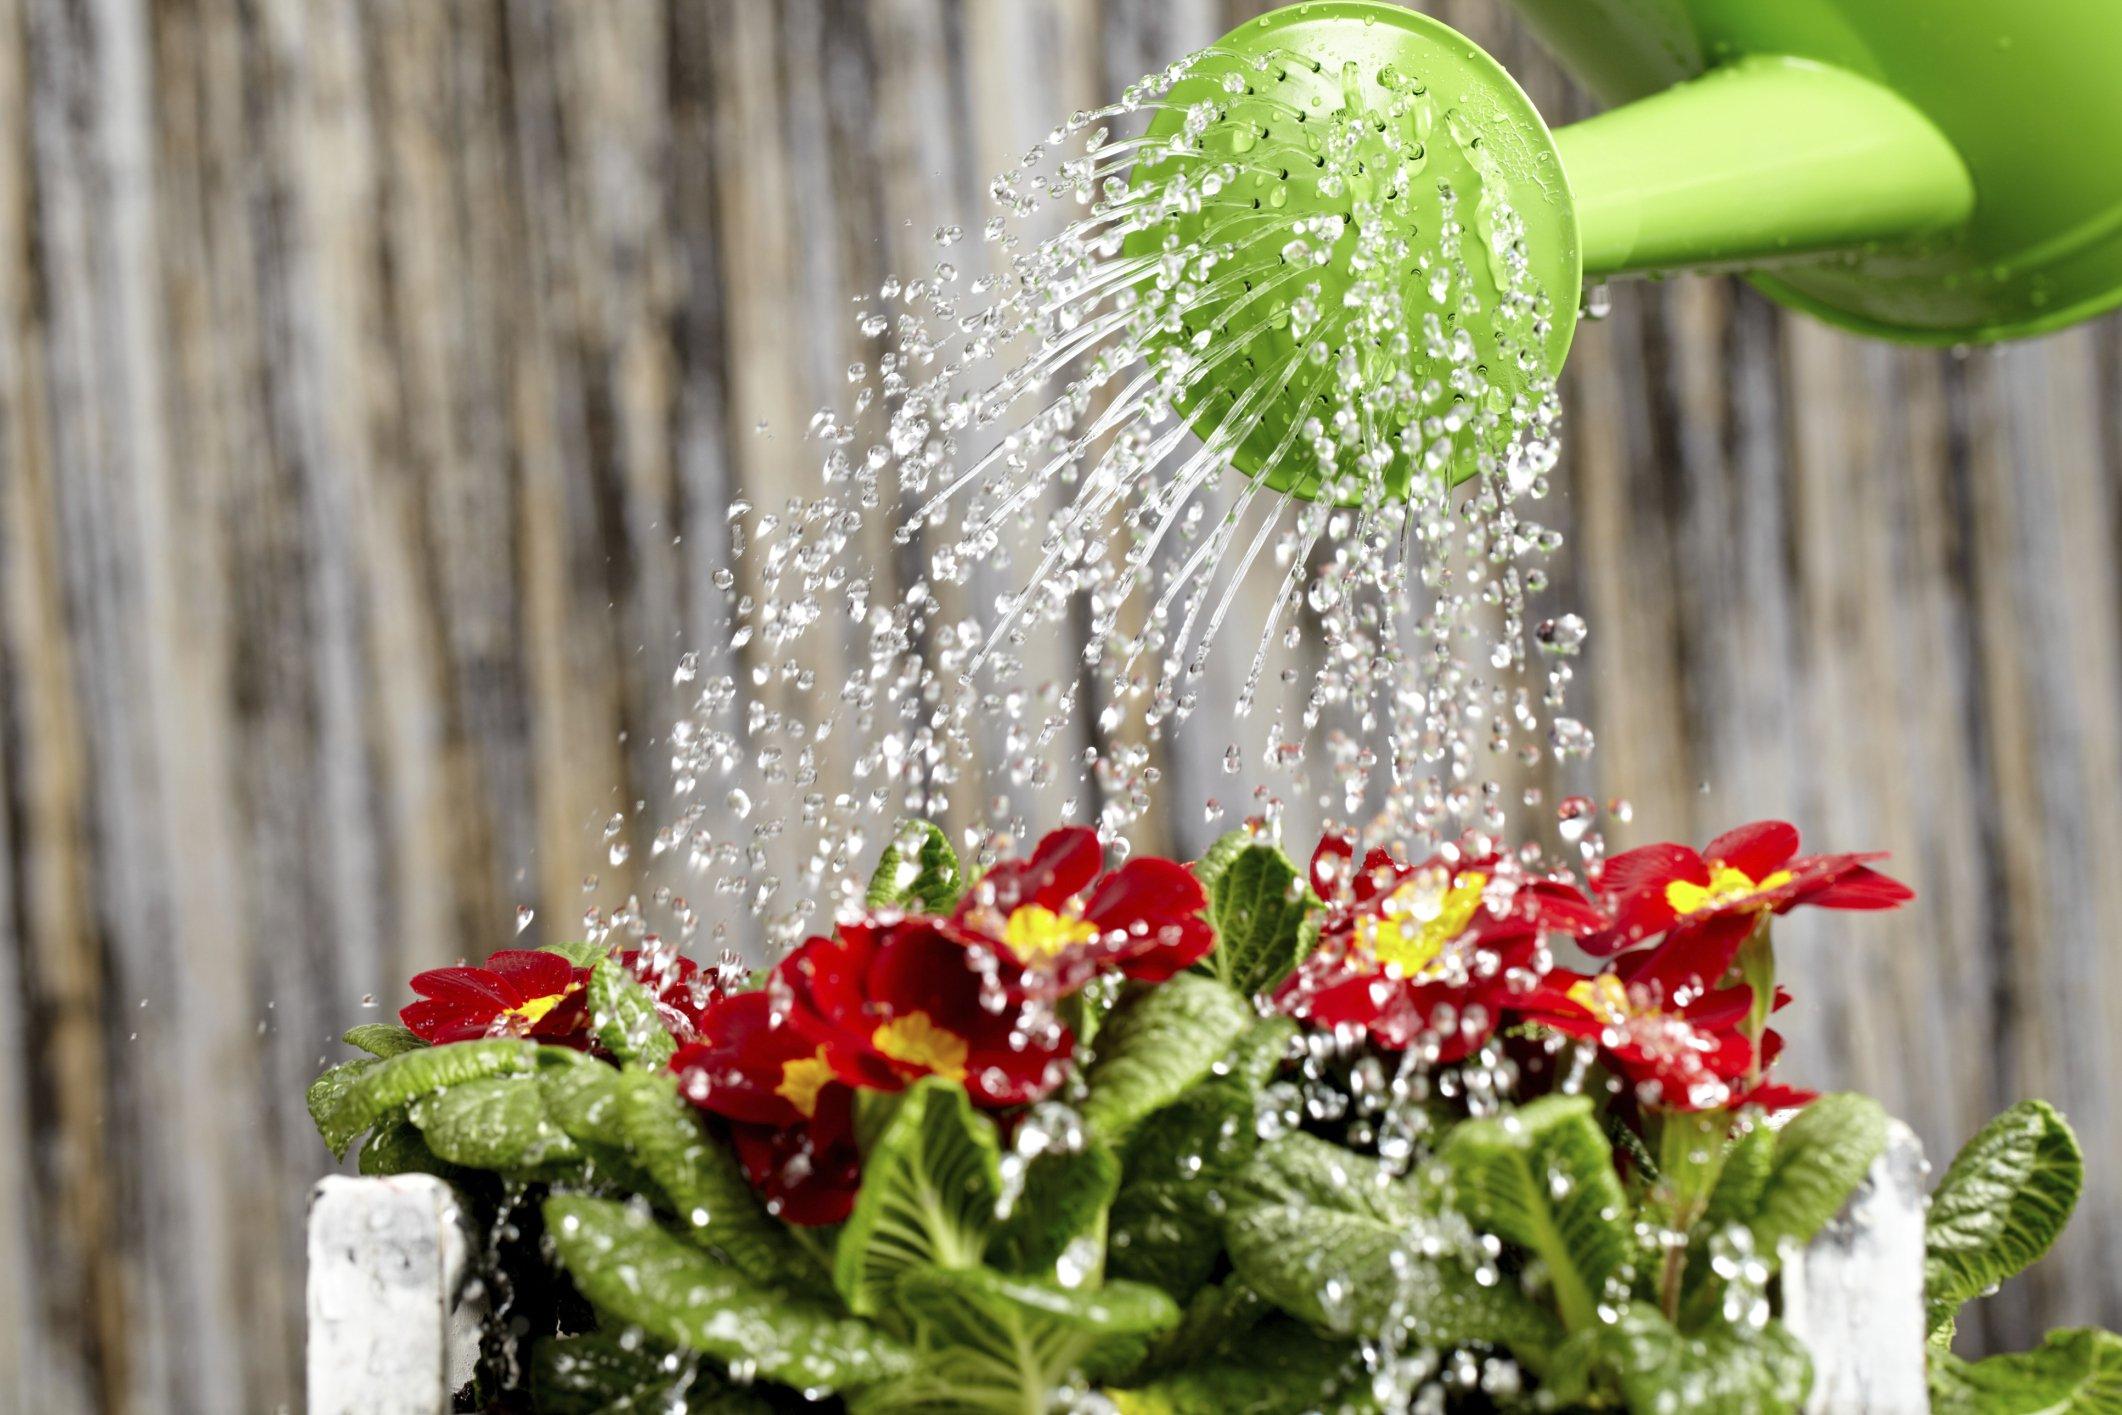 riciclo delle acque piovane fai da te